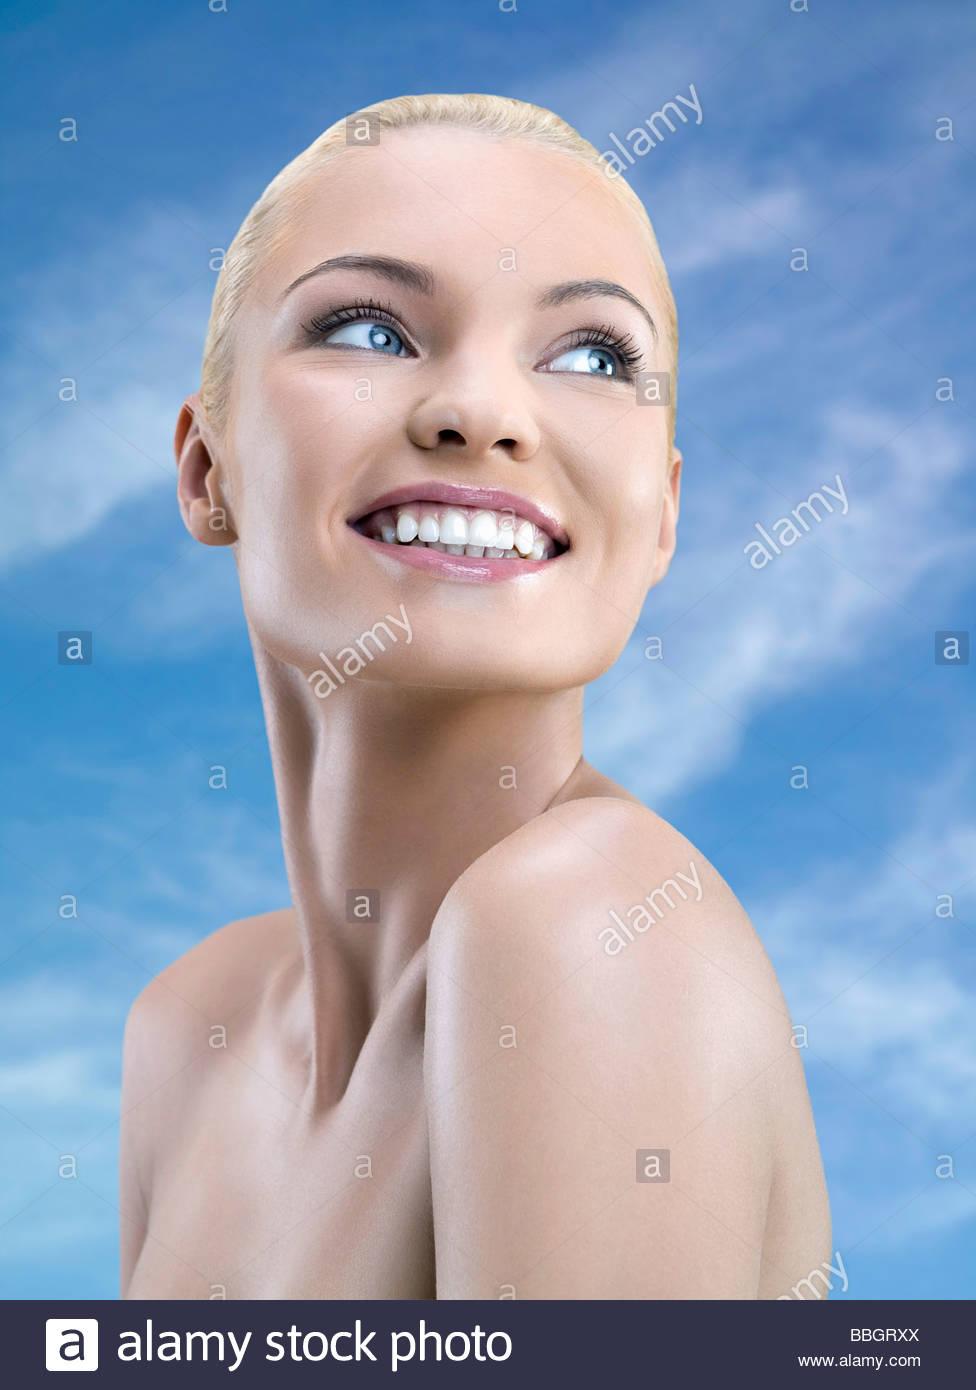 Junge Frau Portrait, Studio gedreht Stockbild